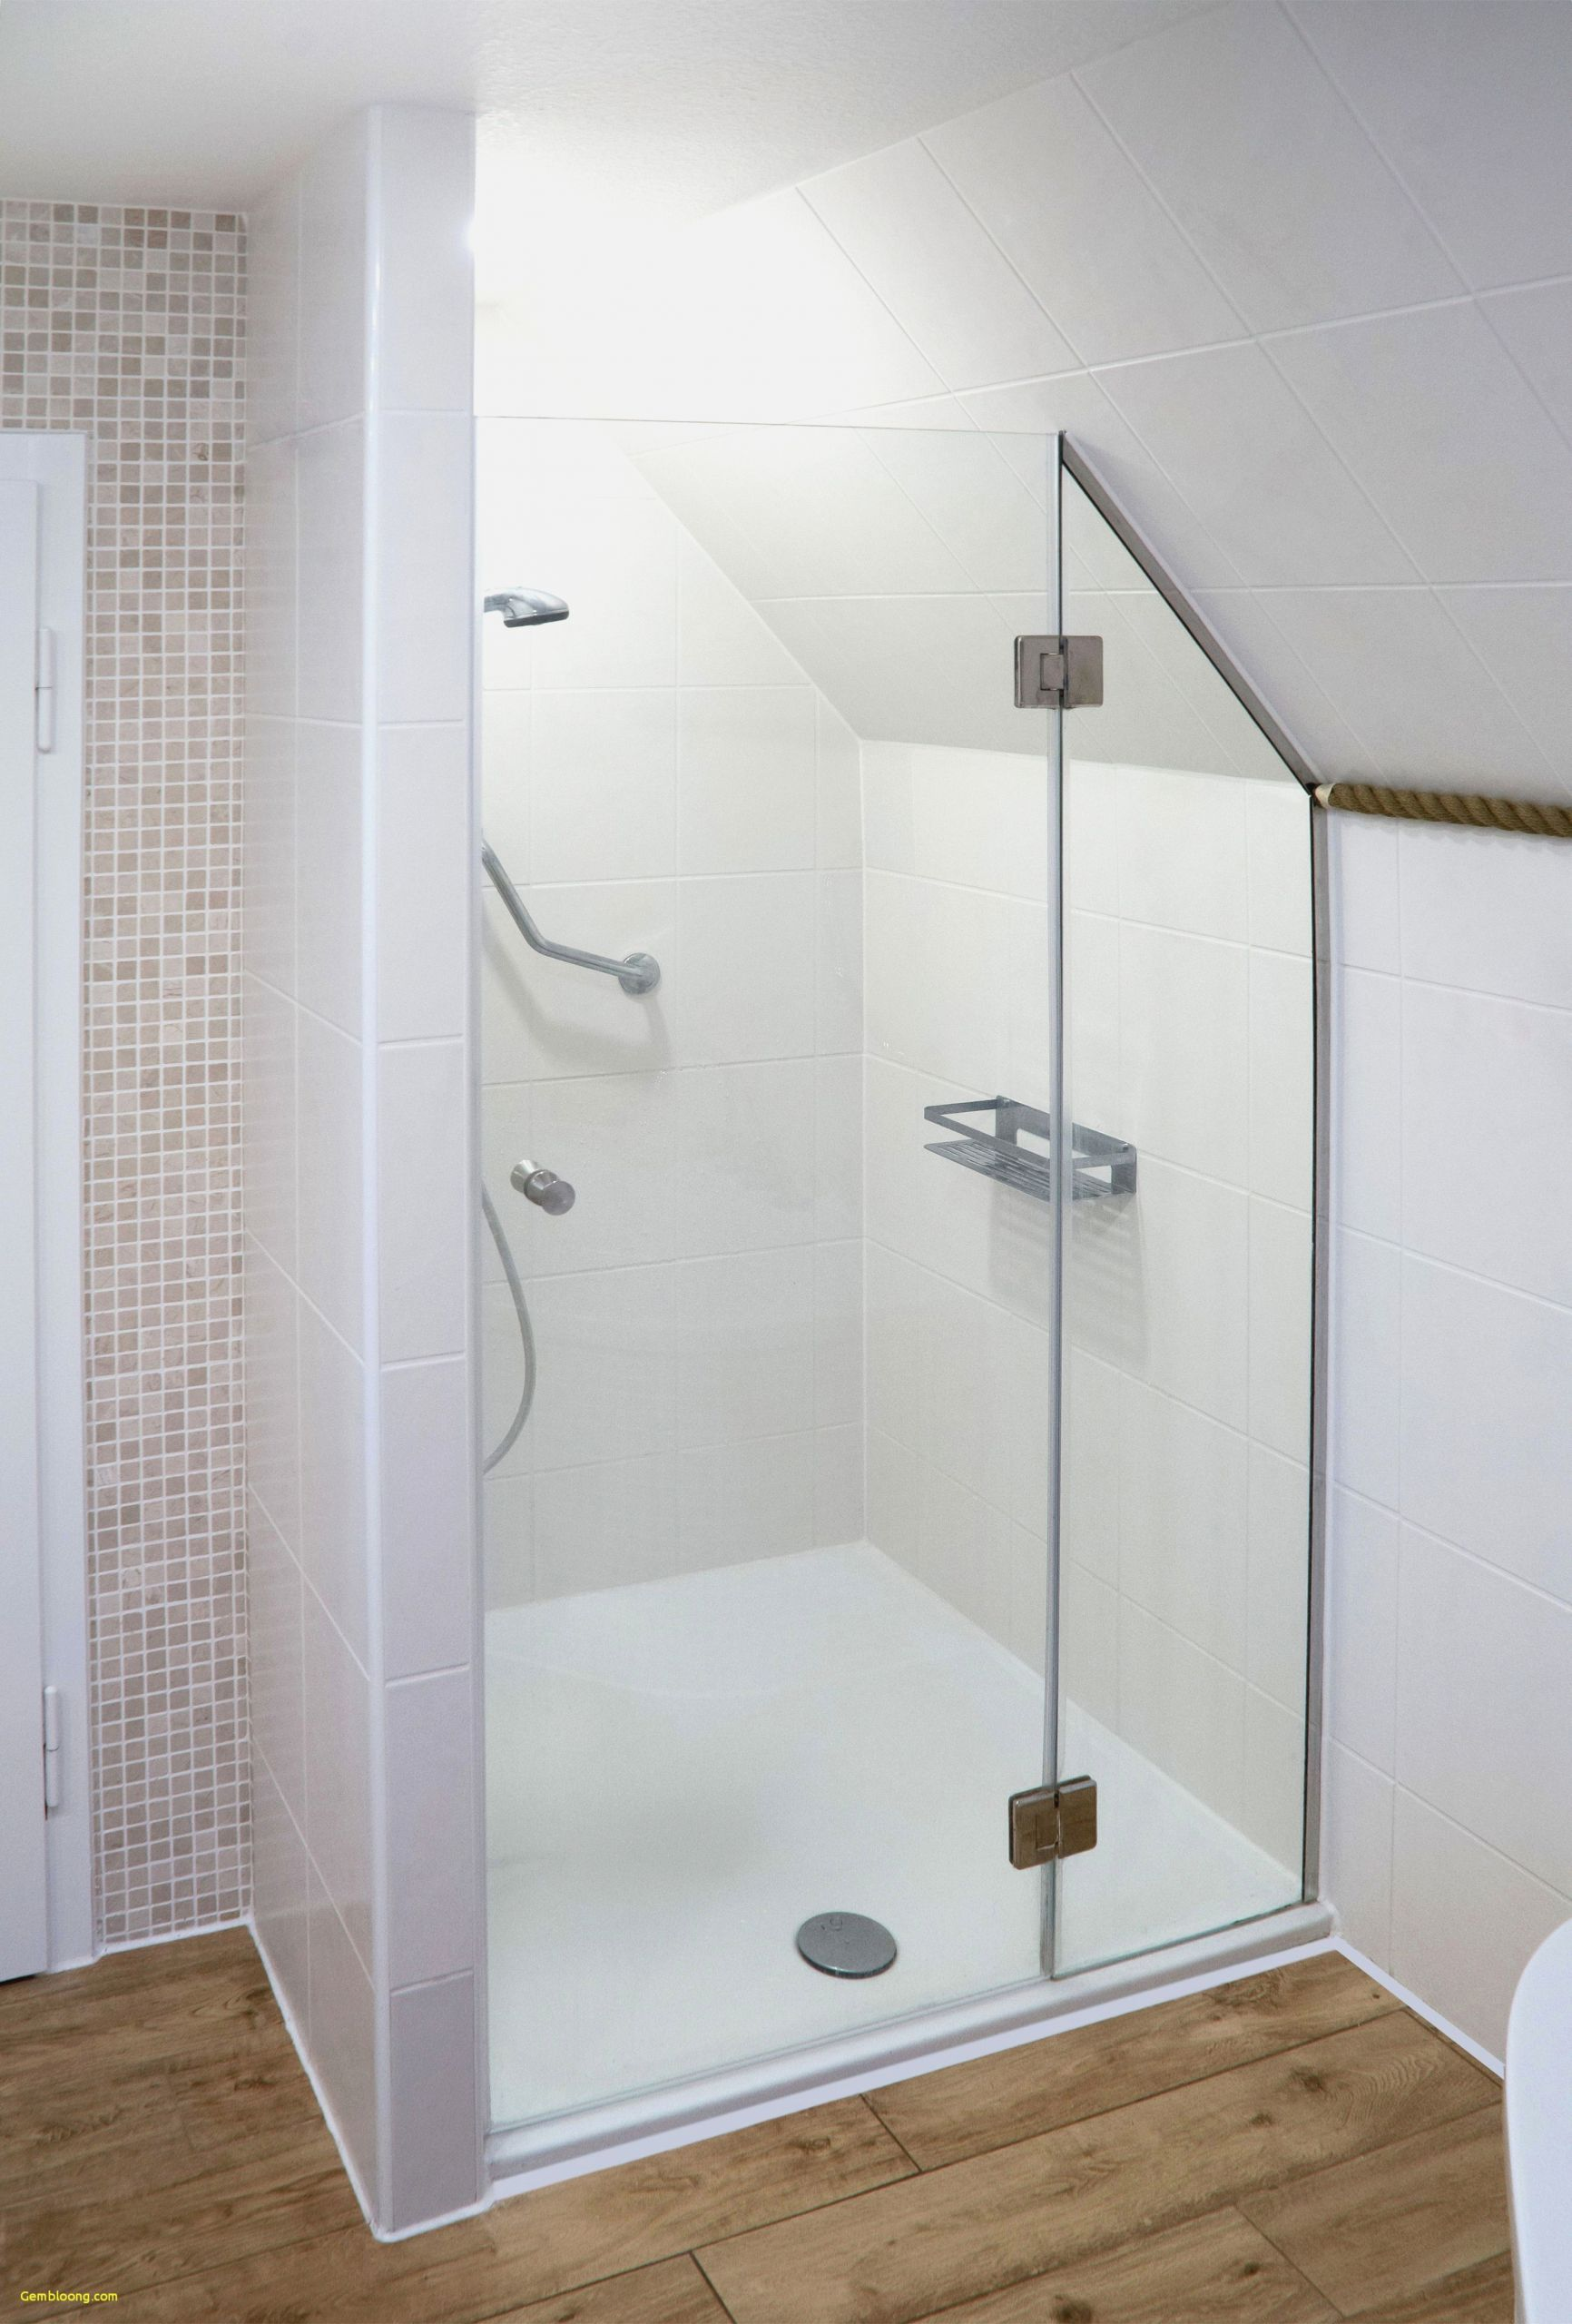 Full Size of Bodengleiche Dusche Abfluss Begehbare Duschen Hsk Schulte Nachträglich Einbauen Werksverkauf Moderne Kaufen Breuer Hüppe Fliesen Sprinz Dusche Bodengleiche Duschen